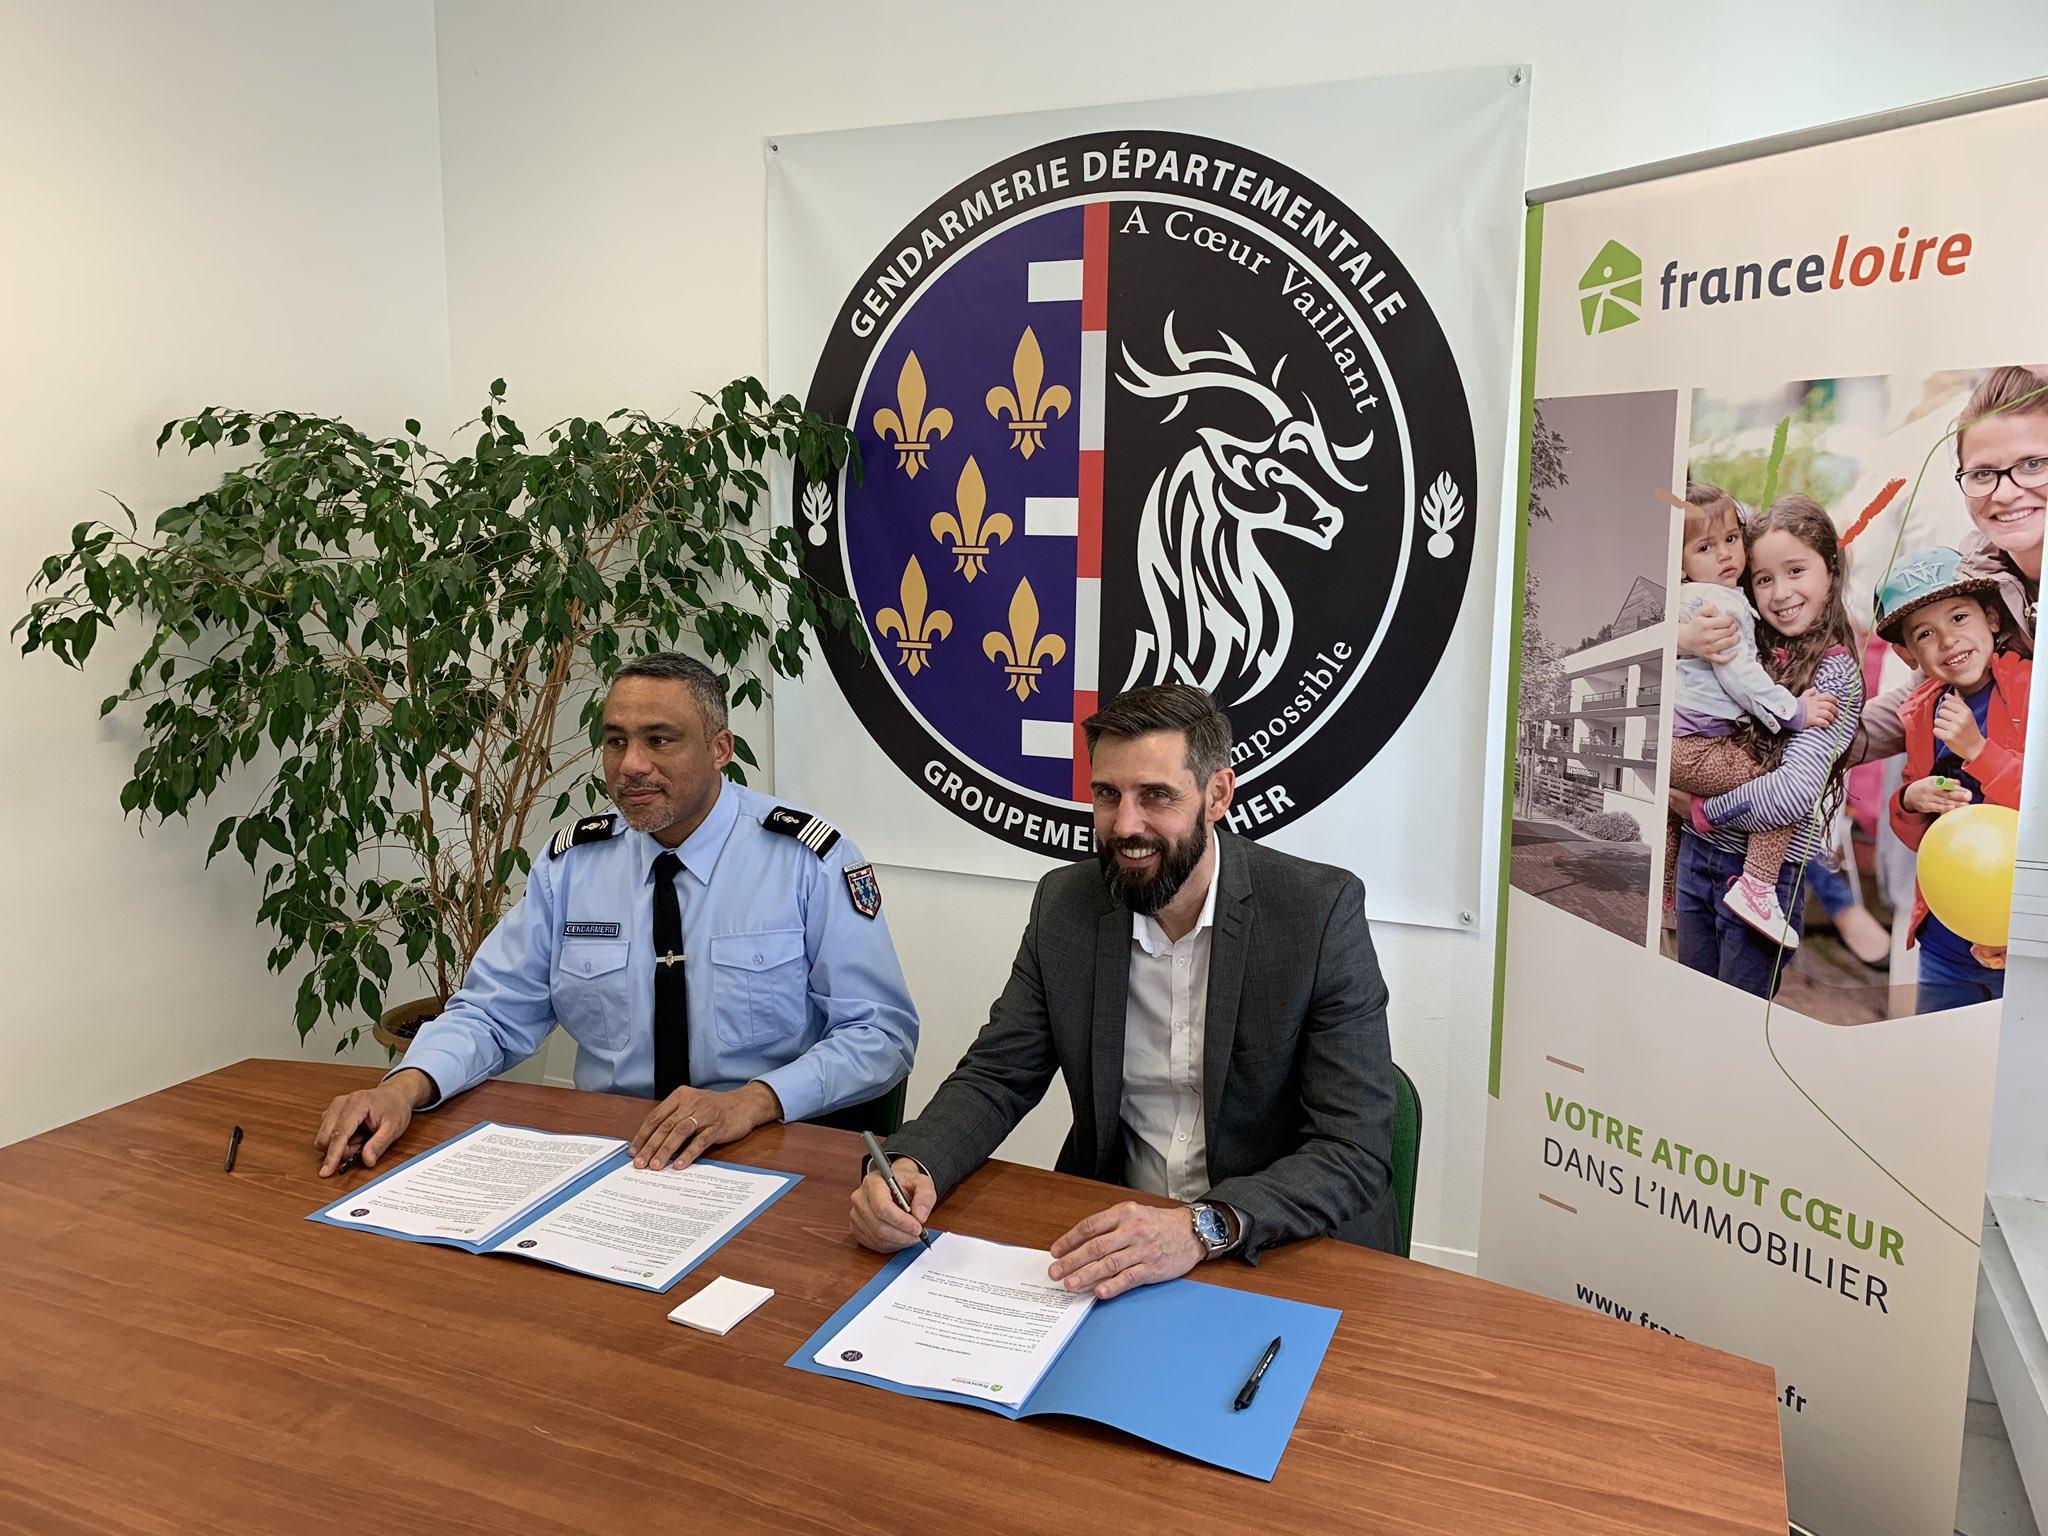 Convention signée par le Colonel François Haouchine, commandant le GGD du Cher à Bourges et Morgan Blin, Directeur Général Délégué de France Loire